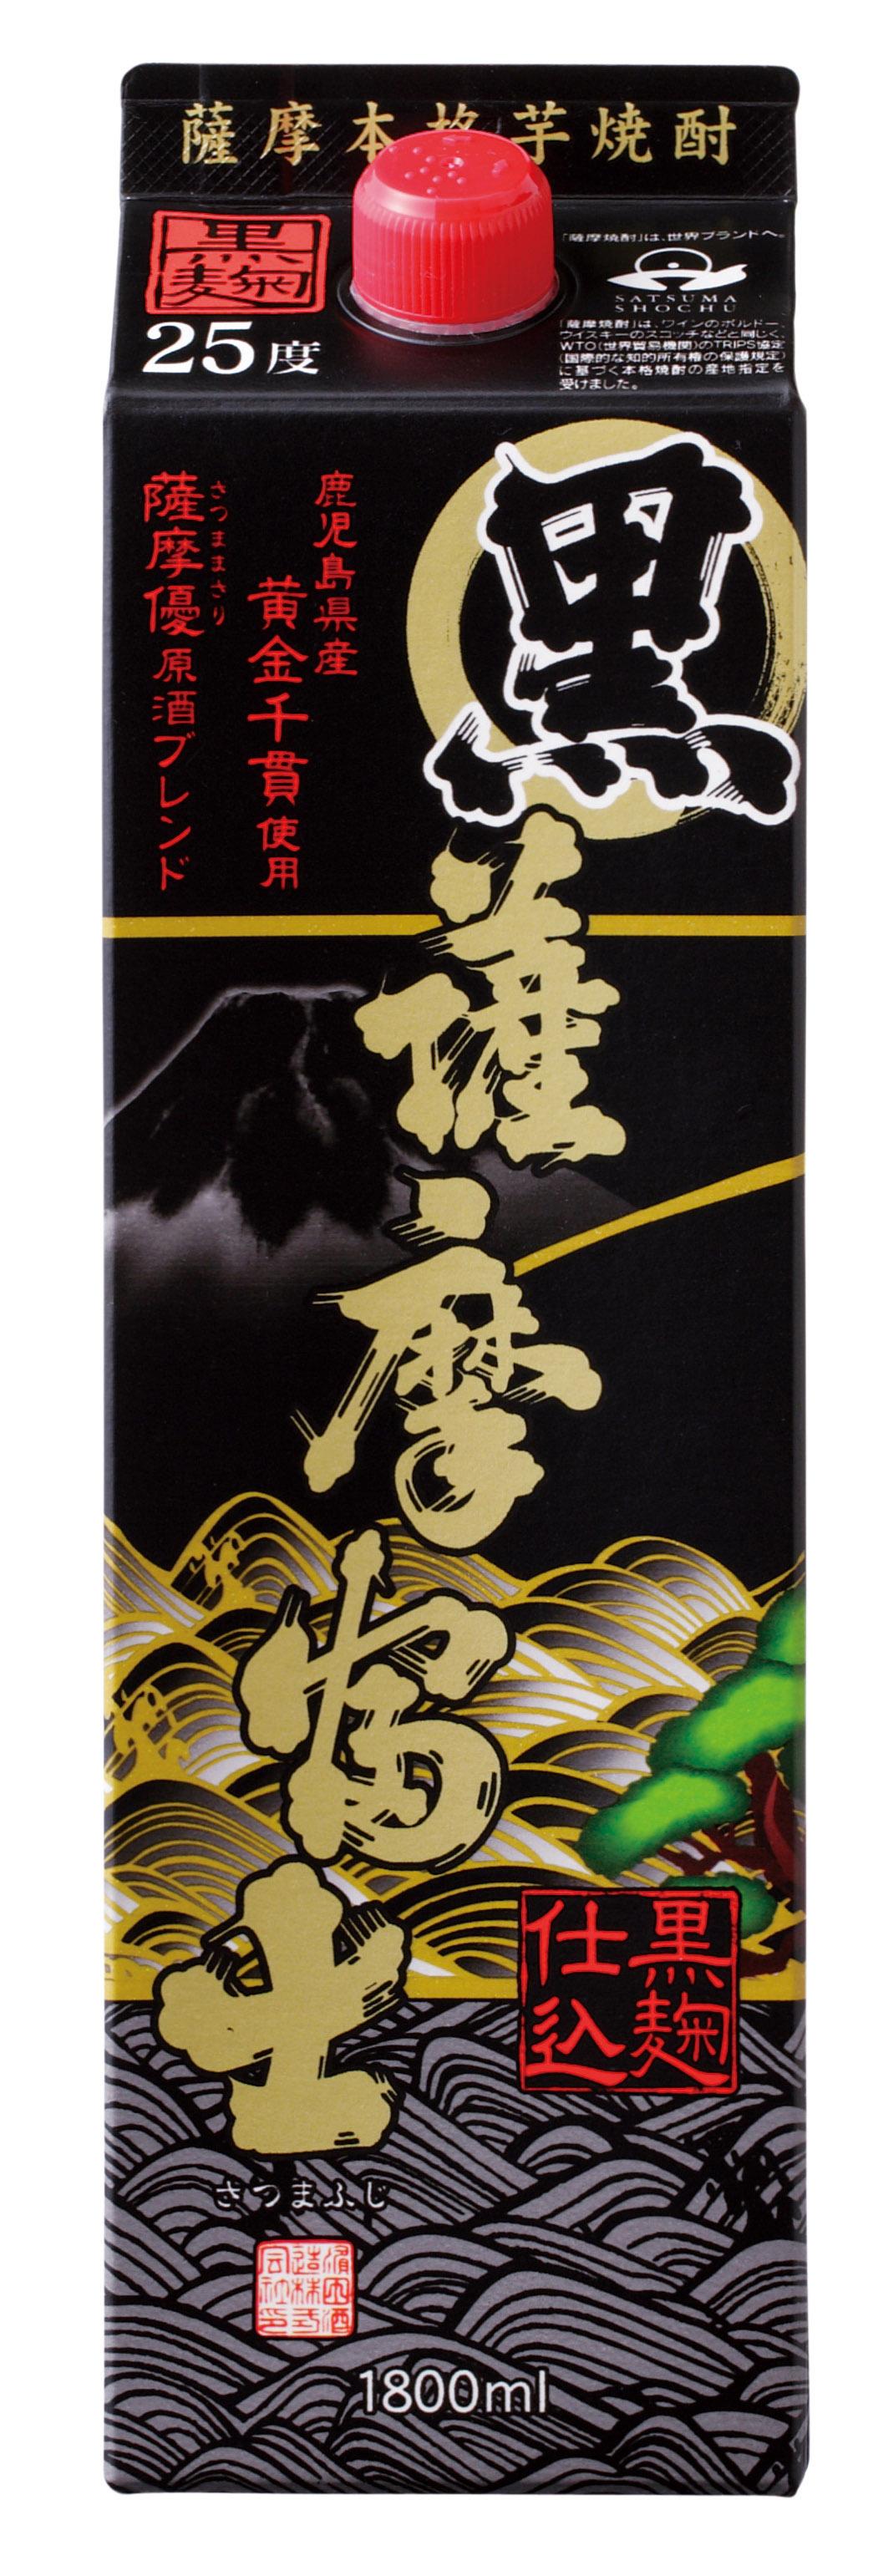 黒薩摩富士 1800ml パック